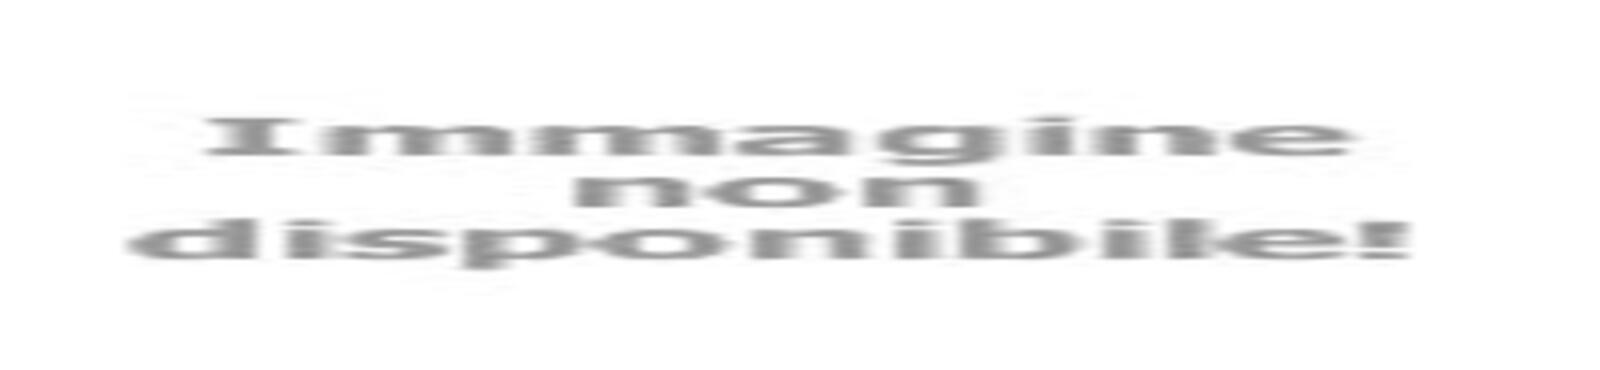 petronianaviaggi it donne-di-potere-donne-di-cultura-v384 002